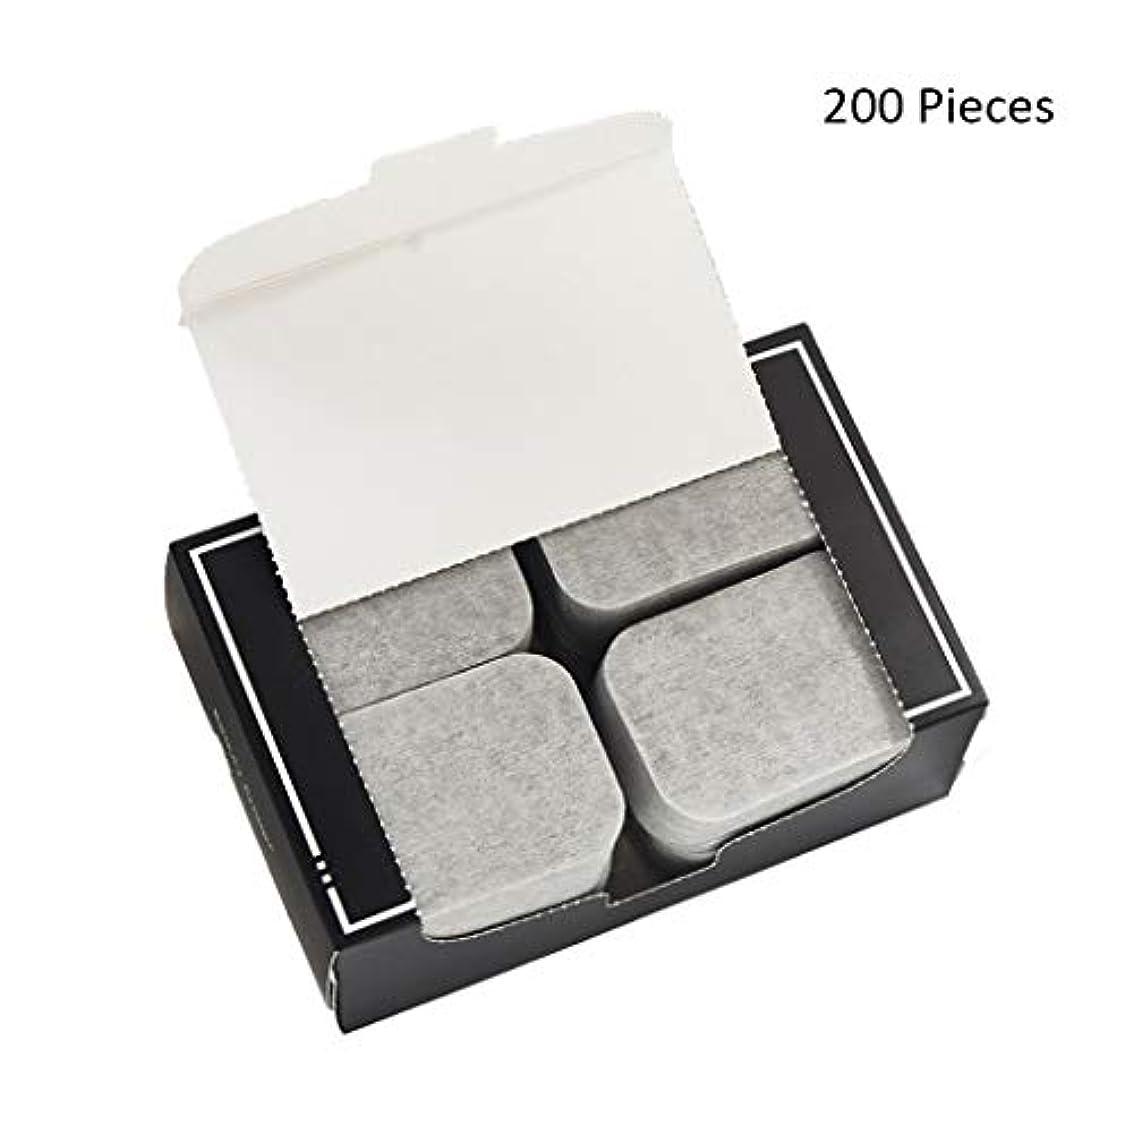 ちょうつがい注釈を付けるウェイタークレンジングシート 200ピースフェイスメイクアップリムーバー竹炭コットンパッドソフトクレンジングメイクピュアコットン両面スライス 落ち水クレンジング シート モイスト (Color : Gray, サイズ : 7*5cm)